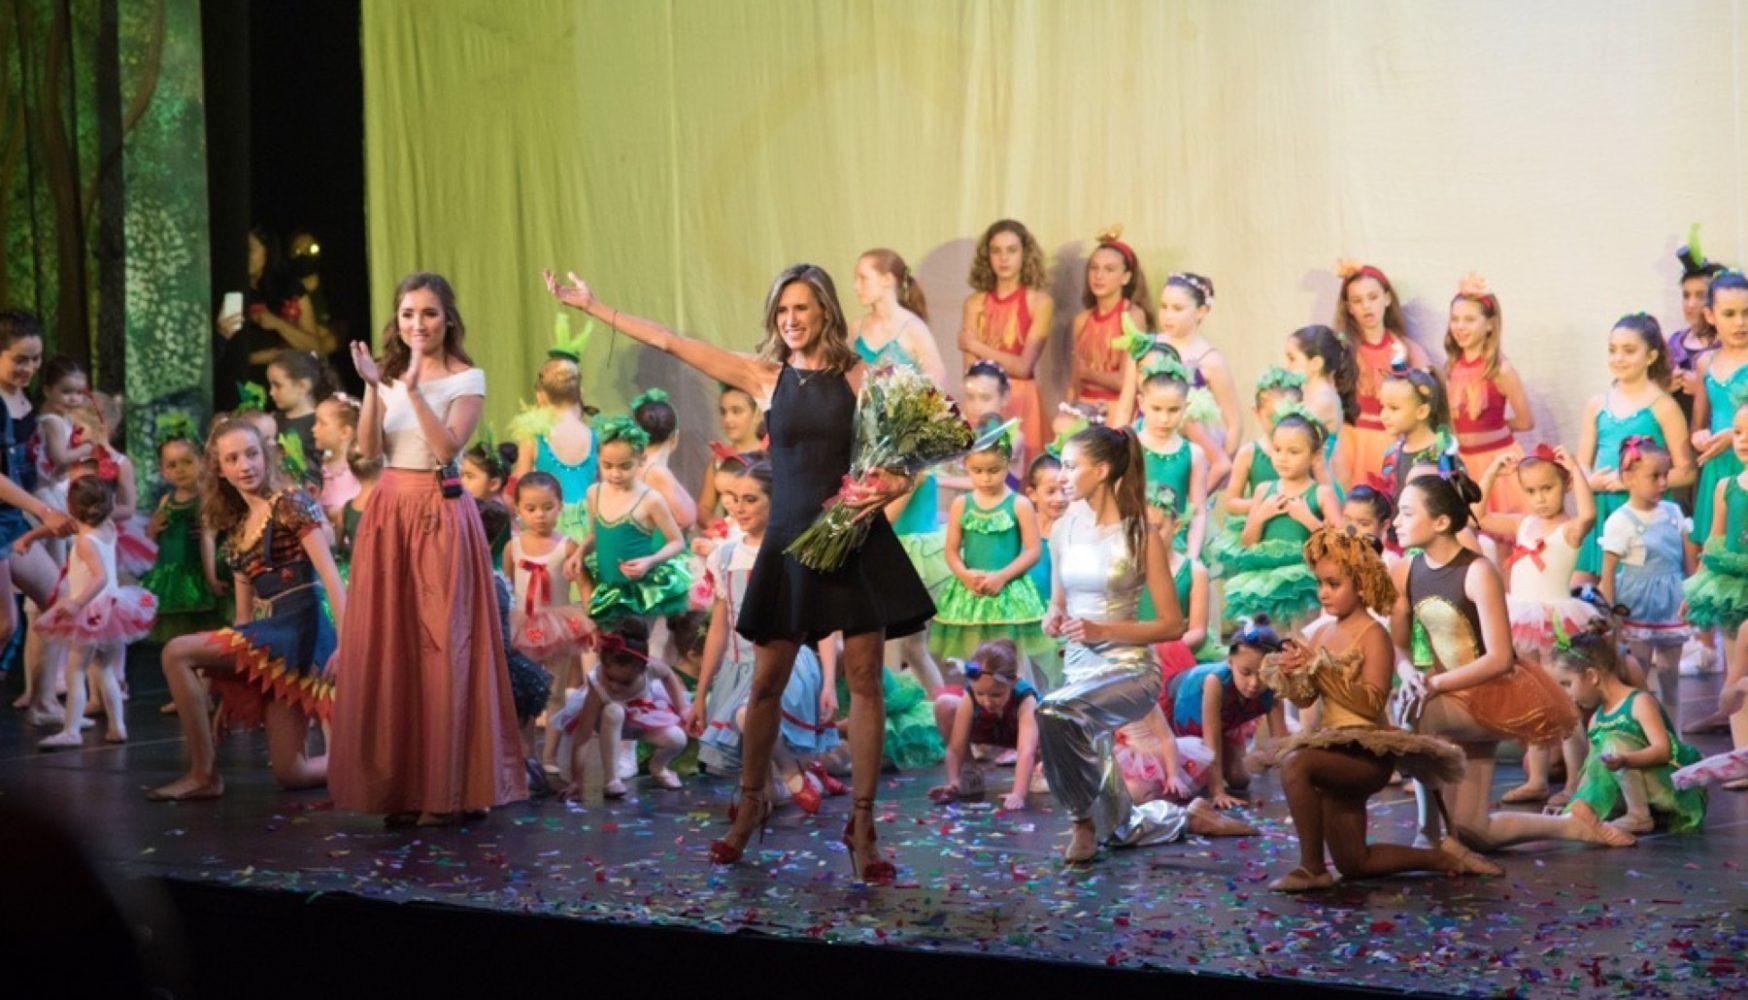 Let's Dance, academia de Adriana Davila Londoño presenta El Mago de Oz